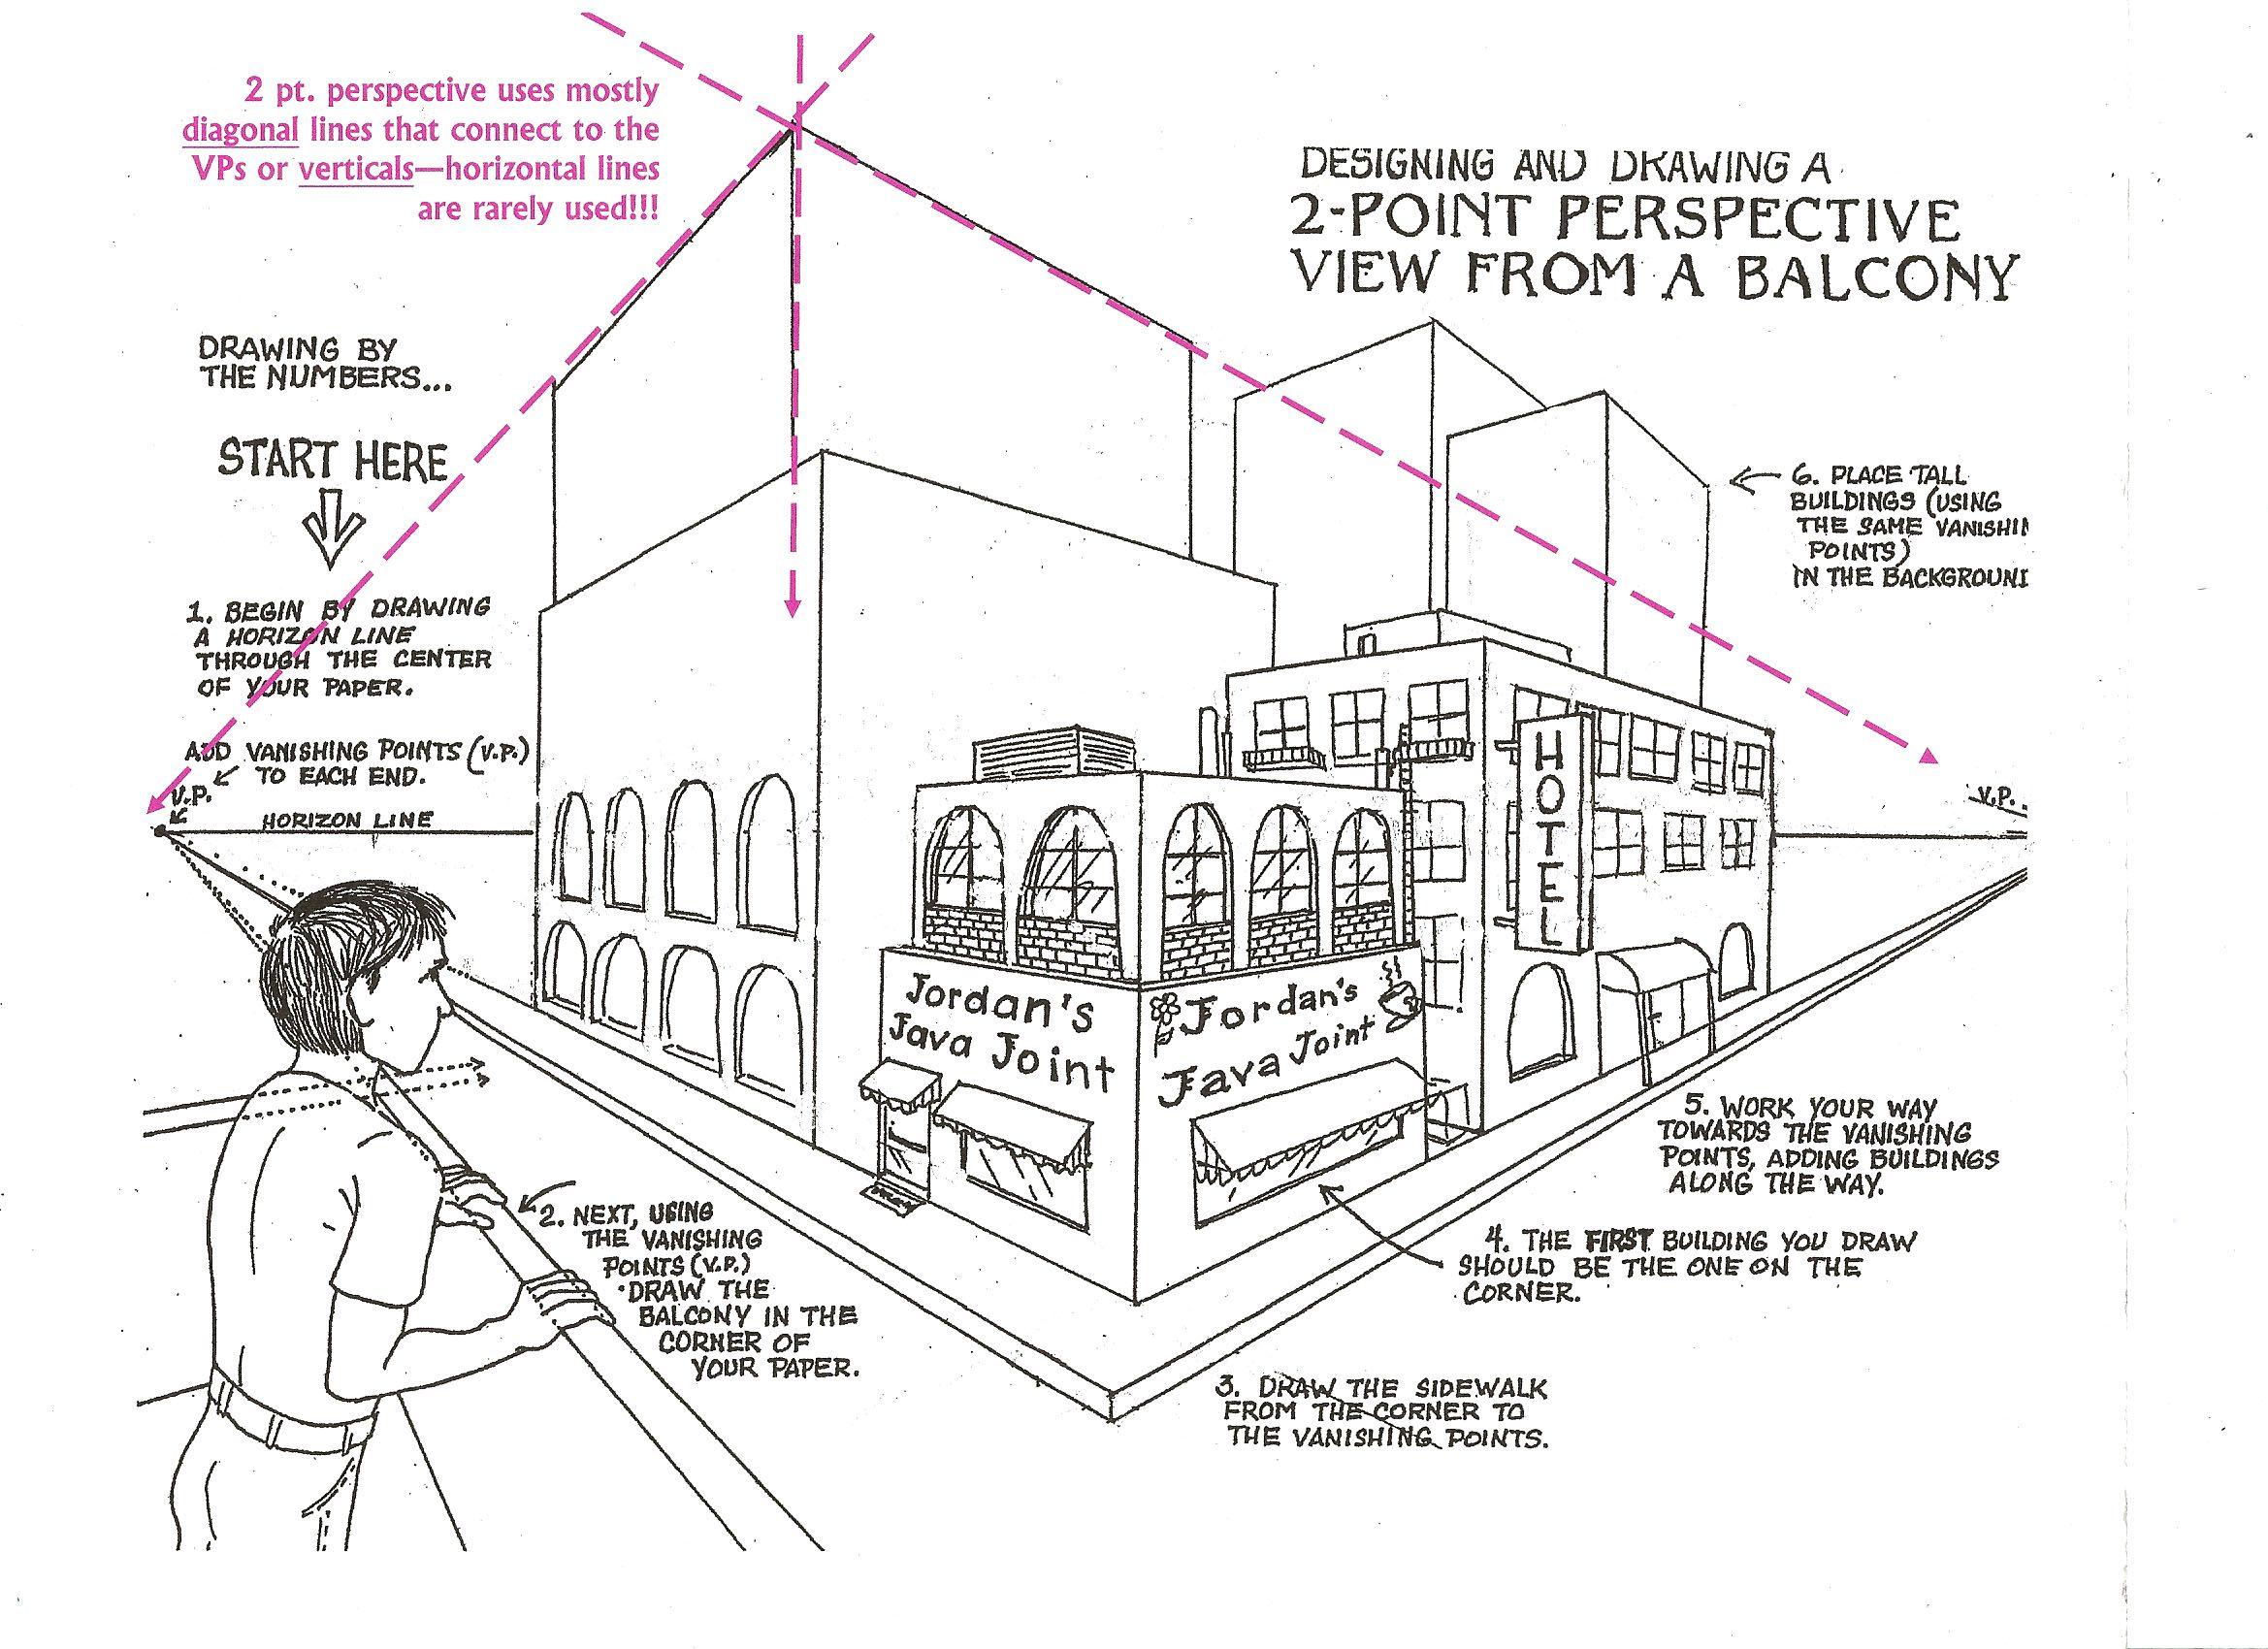 2 pt Perspective Notes.jpg (JPEG Image, 2338 × 1700 pixels